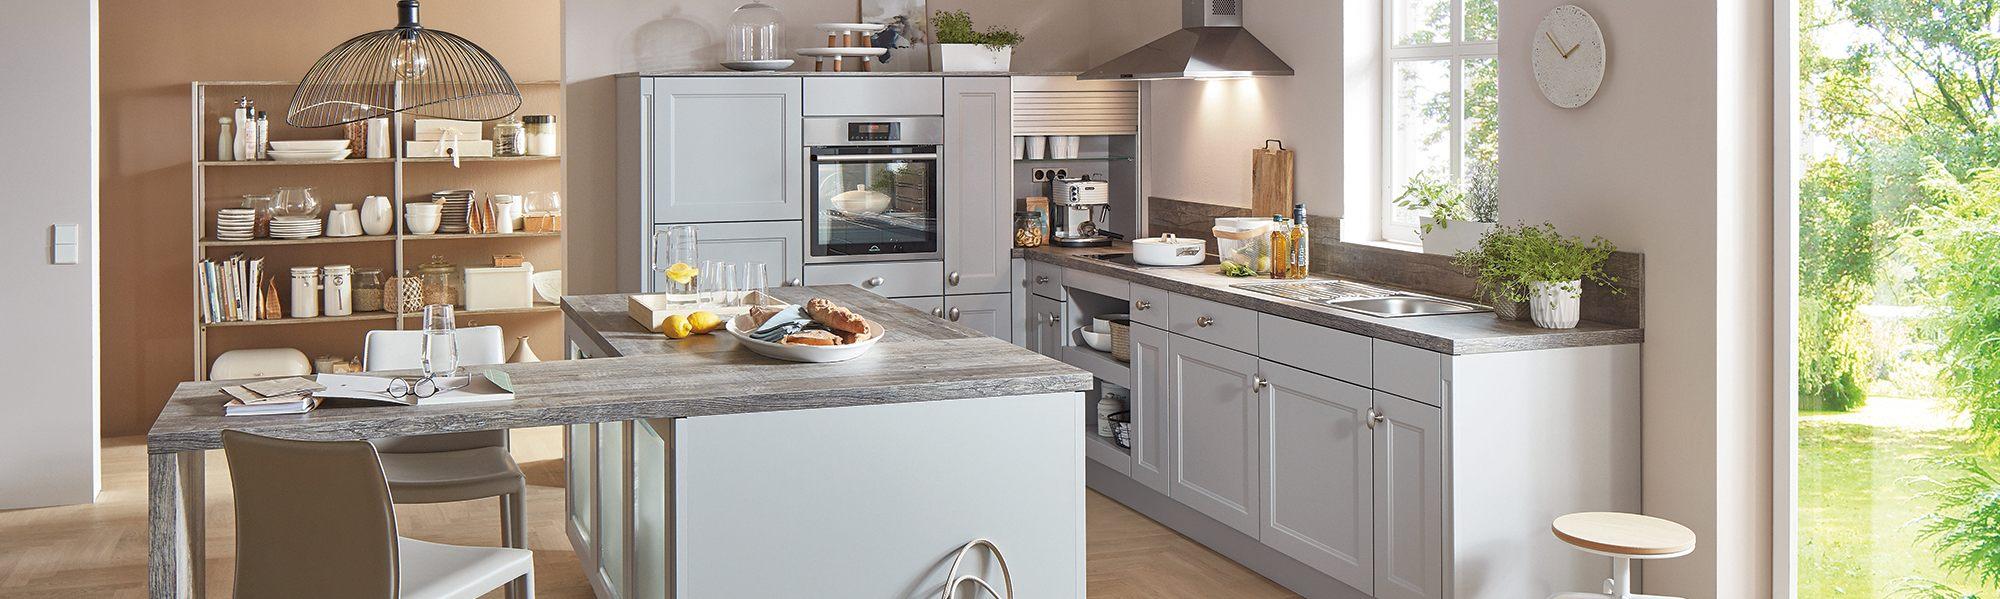 Full Size of Kleine Dachgeschoss Küche Einrichten Sehr Schmale Küche Einrichten Küche Einrichten Lebensmittel Gewerbliche Küche Einrichten Küche Küche Einrichten